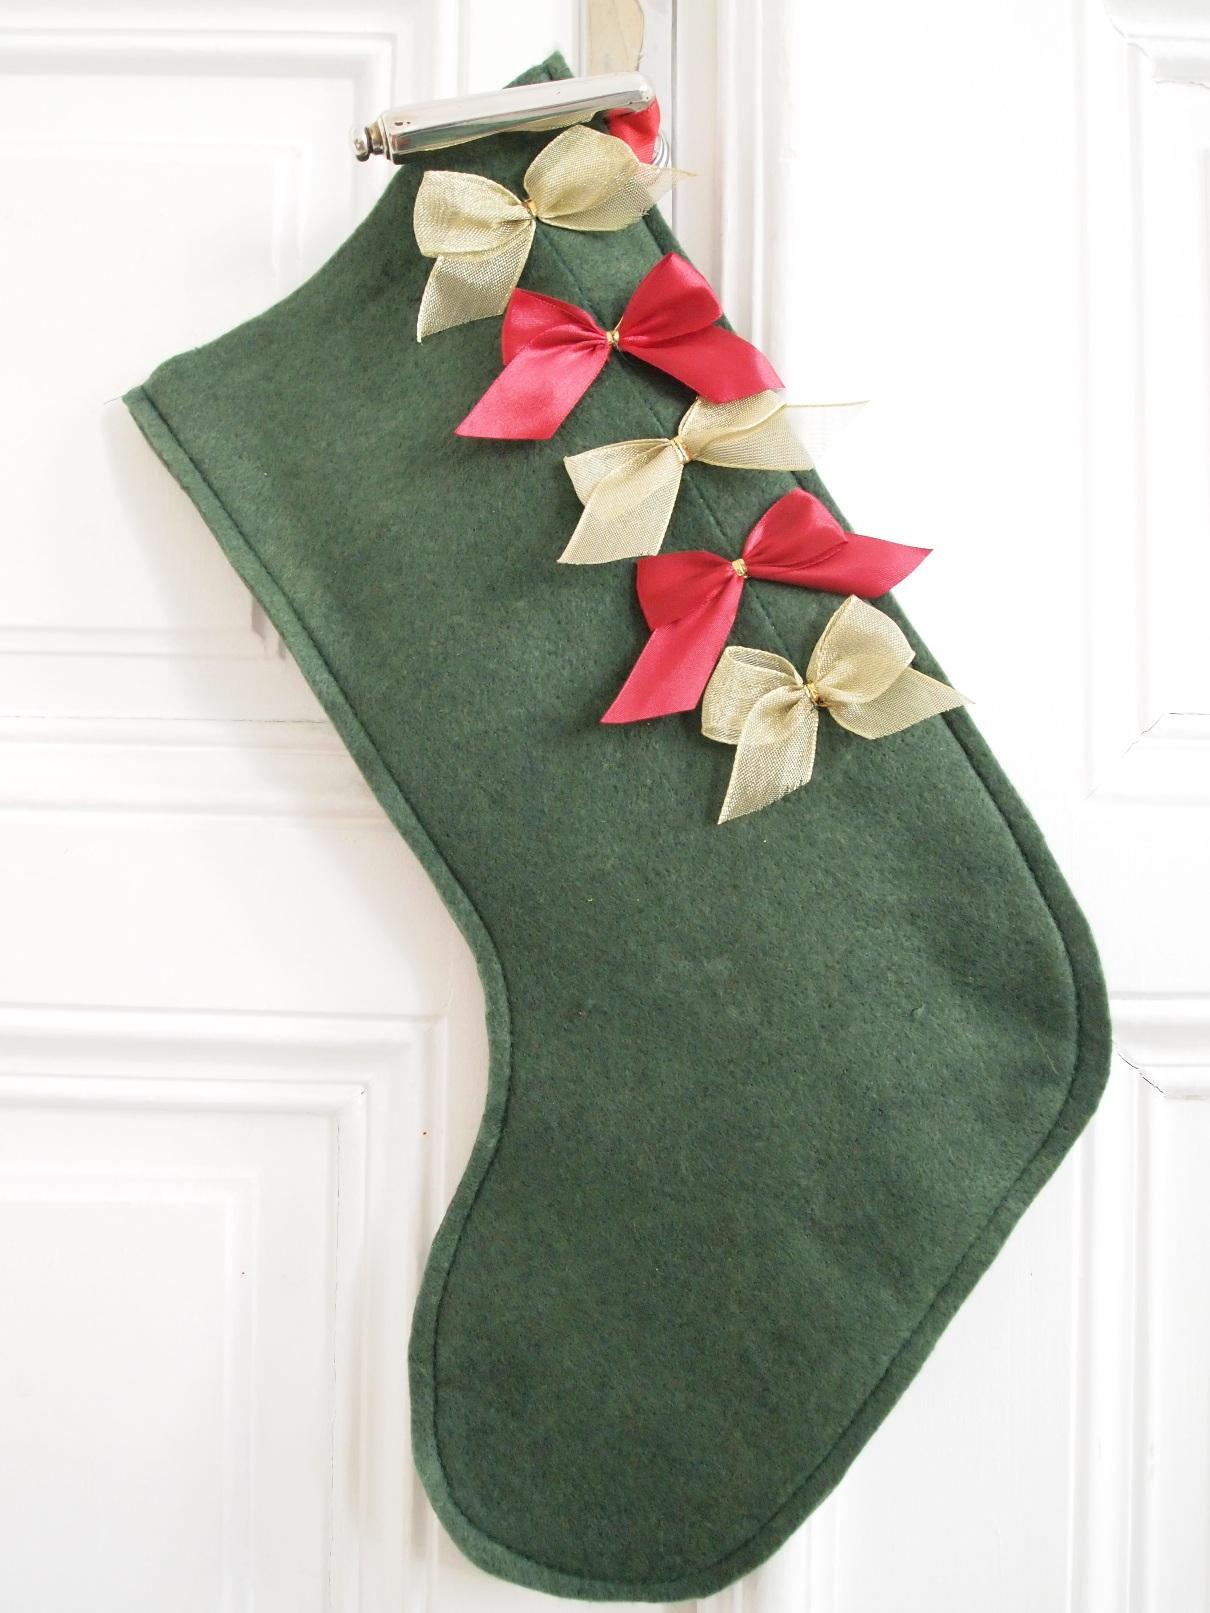 Christmas Stockings aus Resten nähen